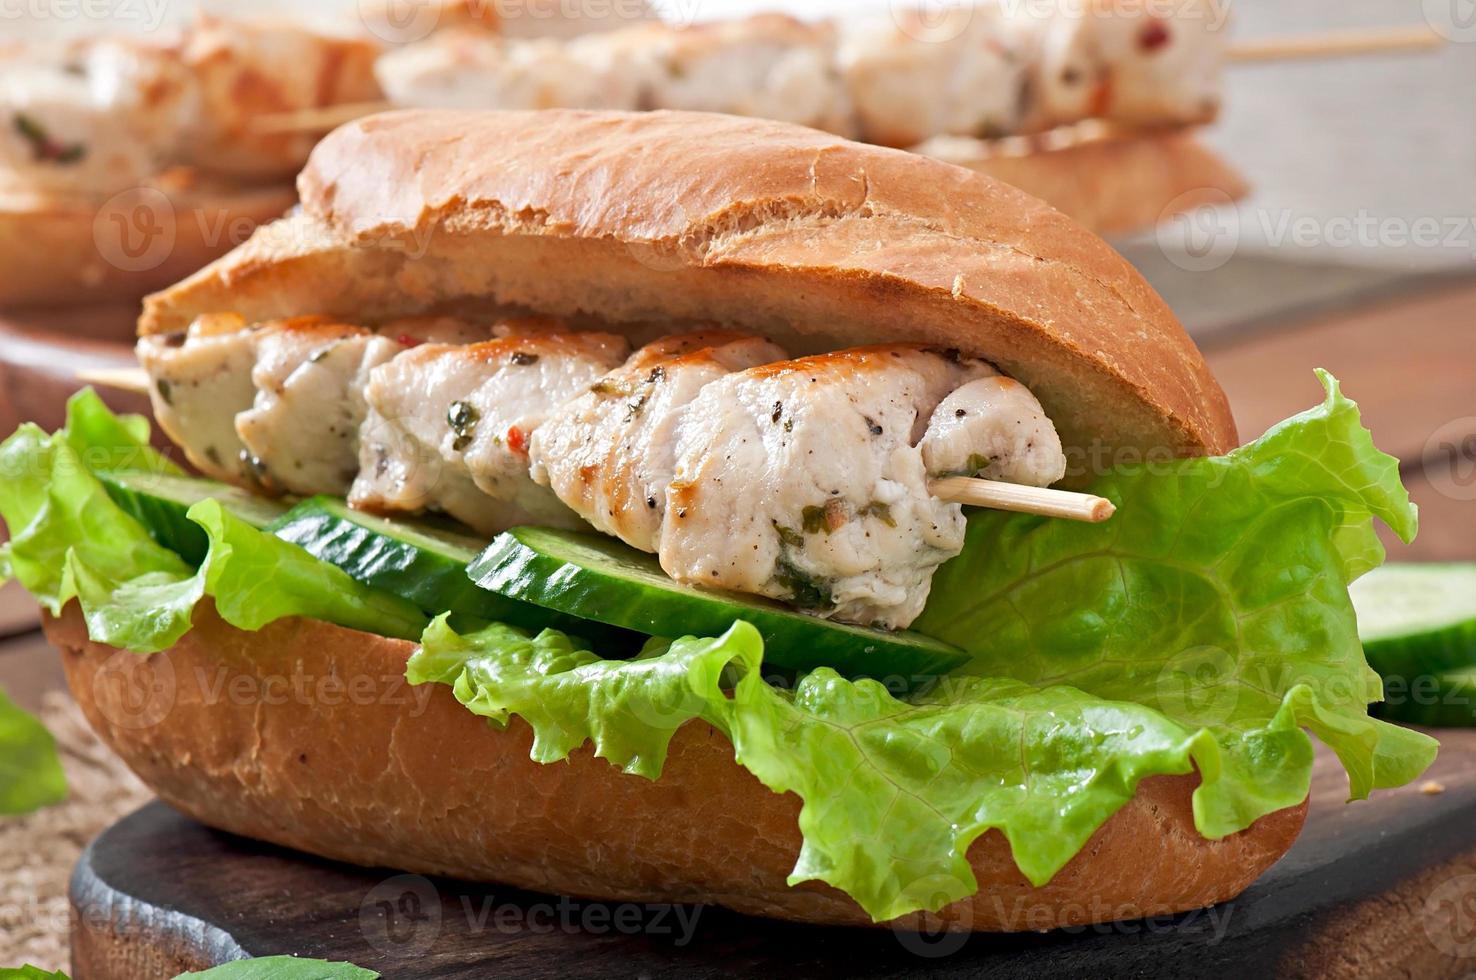 großes Sandwich mit Hühnchen-Kebab und Salat foto